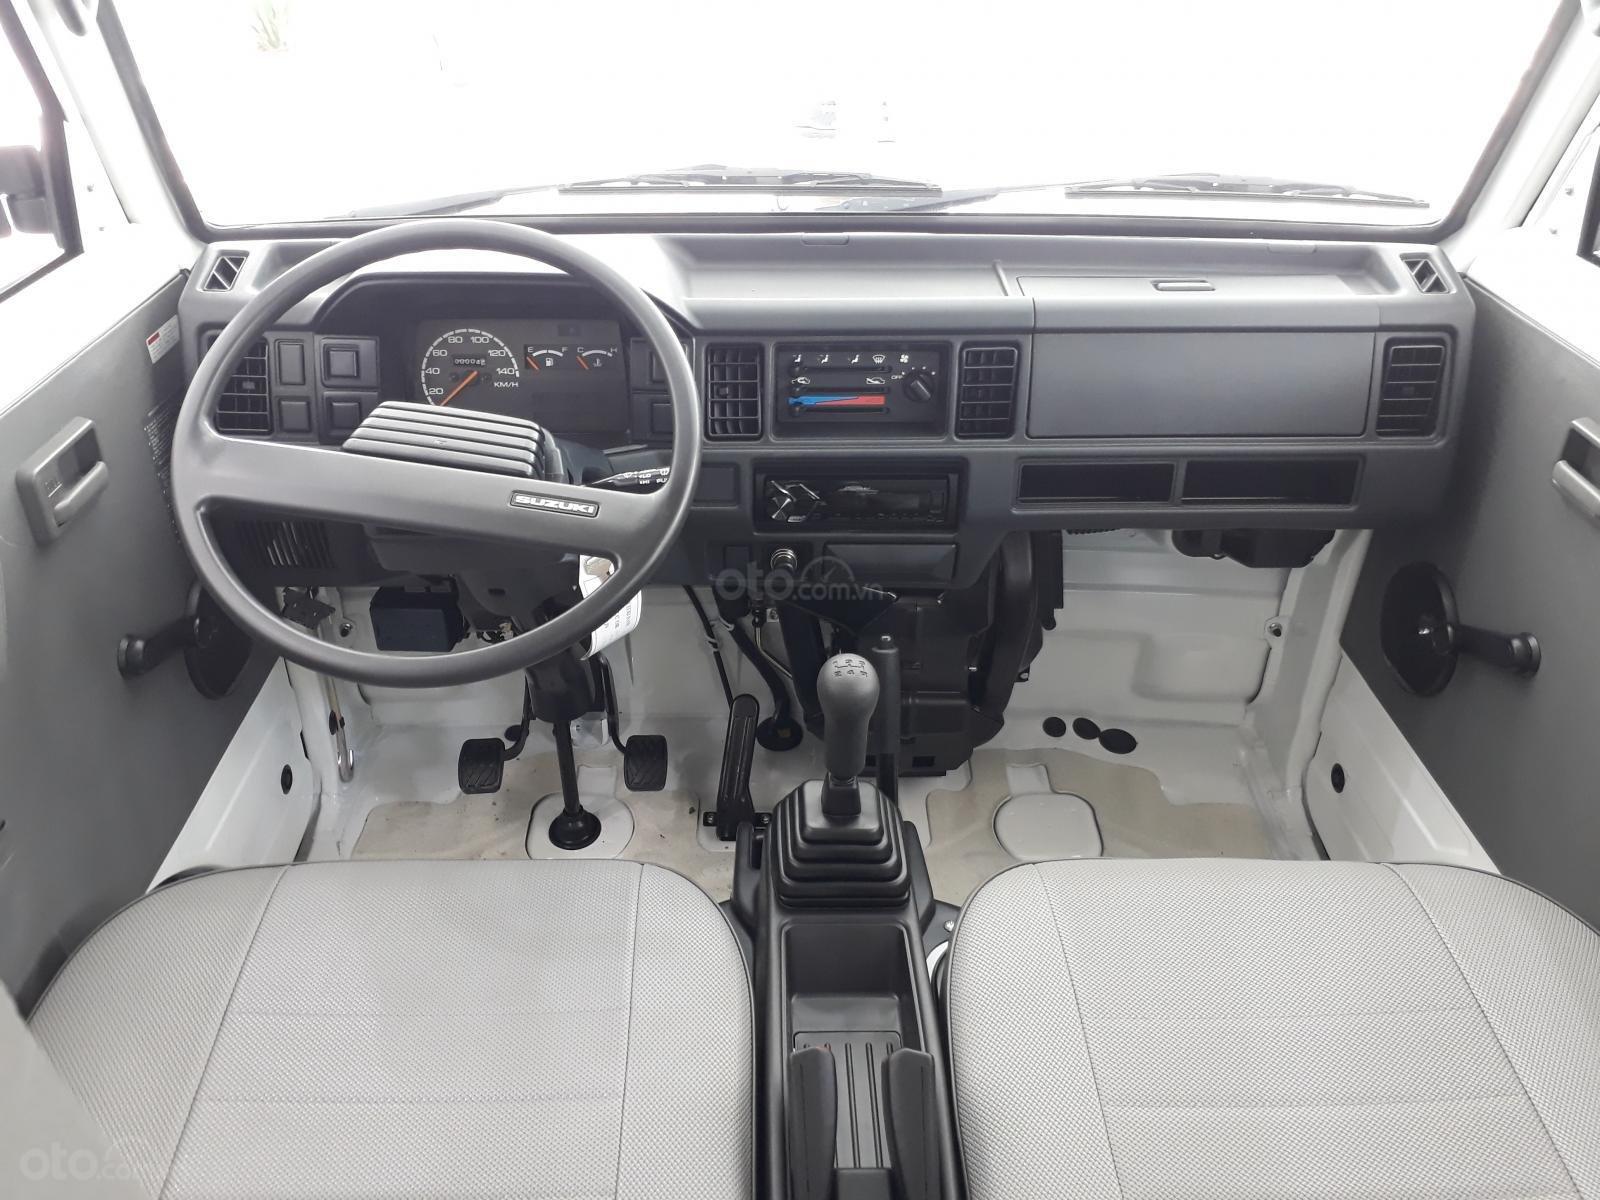 Xe tải Suzuki Blind Van 2020 chạy giờ cao điểm, giá ưu đãi 50% thuế trước bạ (4)